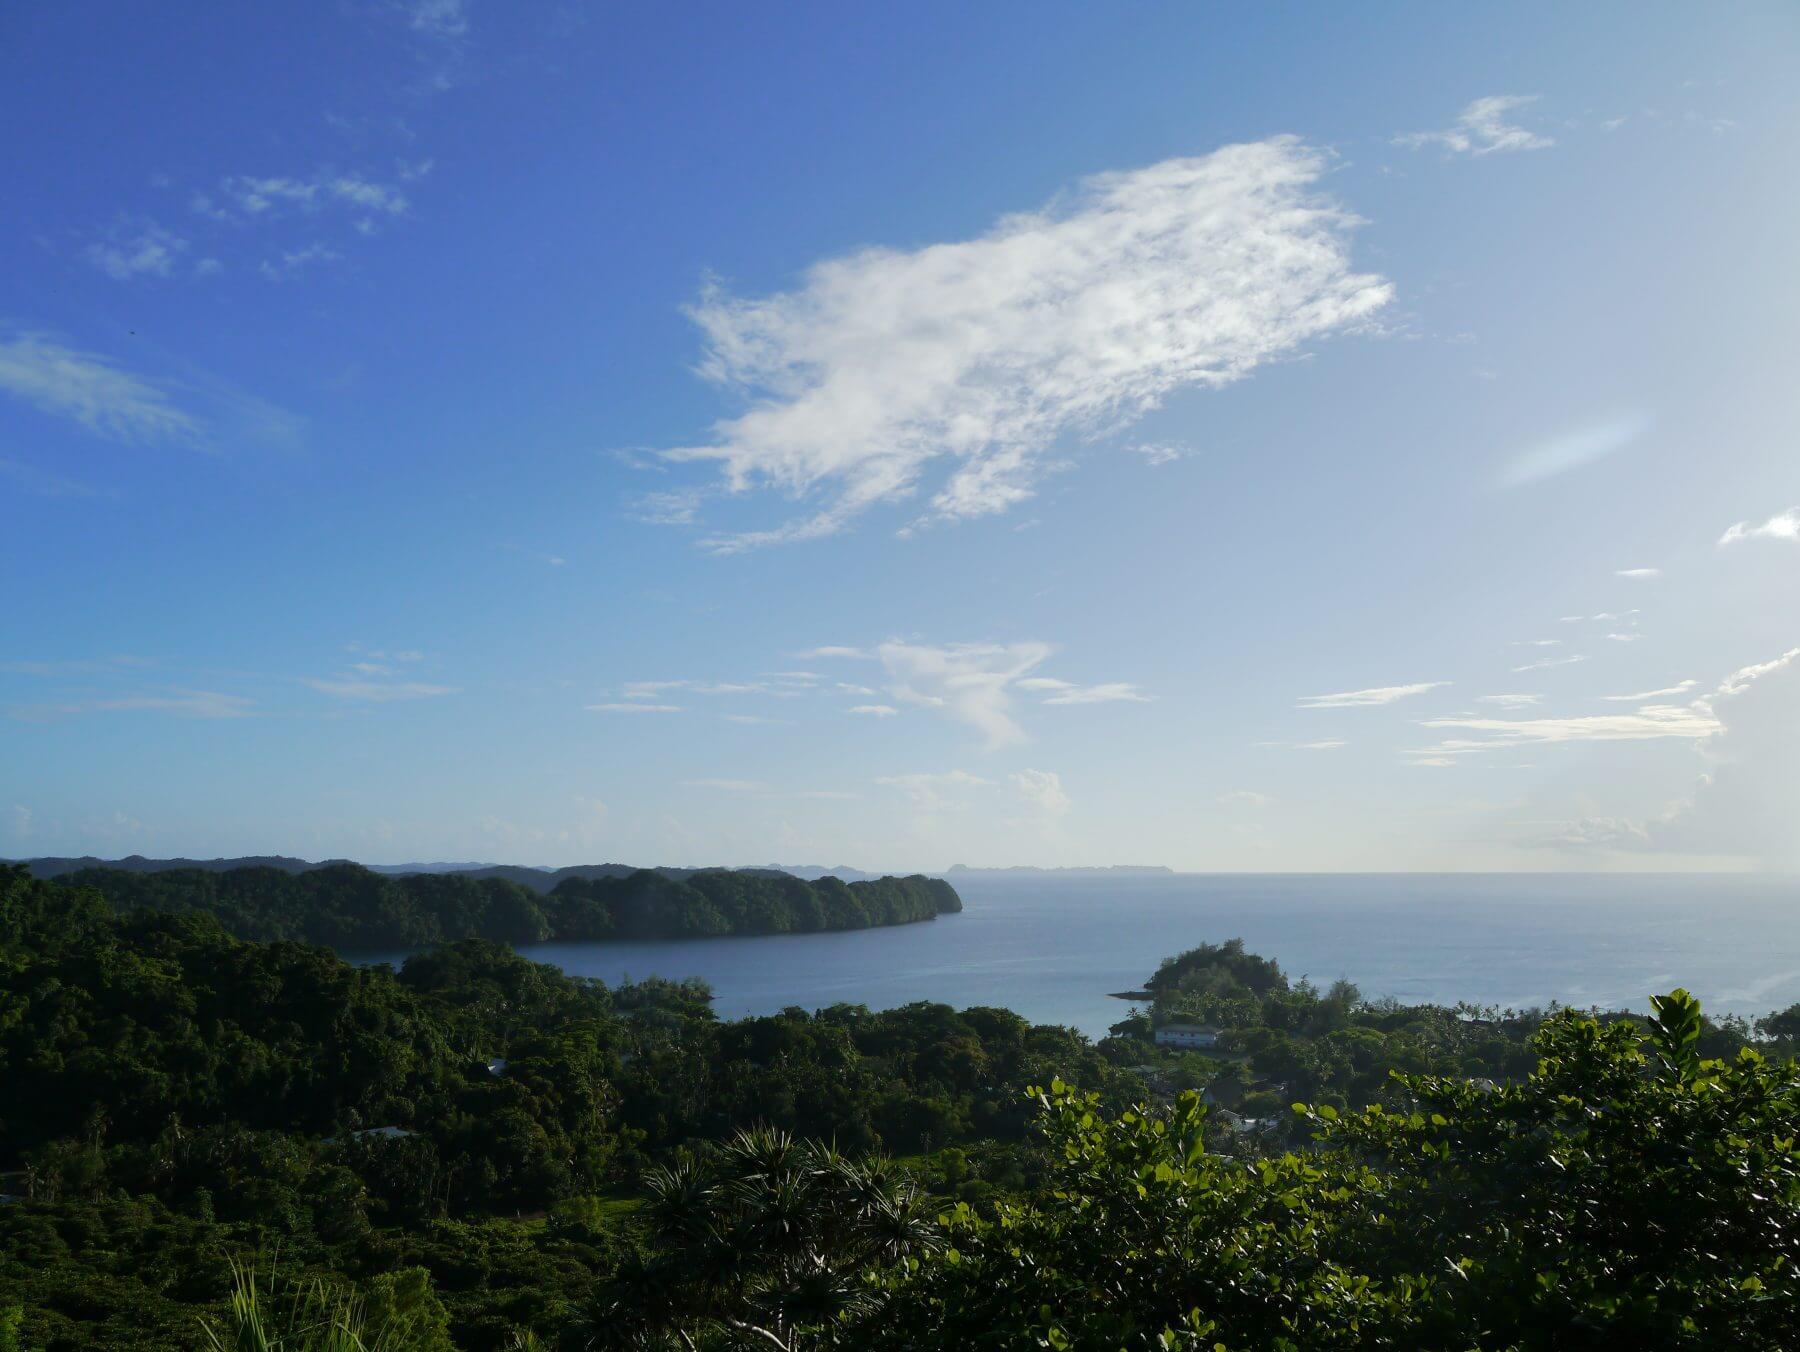 Panoramablick über die Insel auf das Meer.